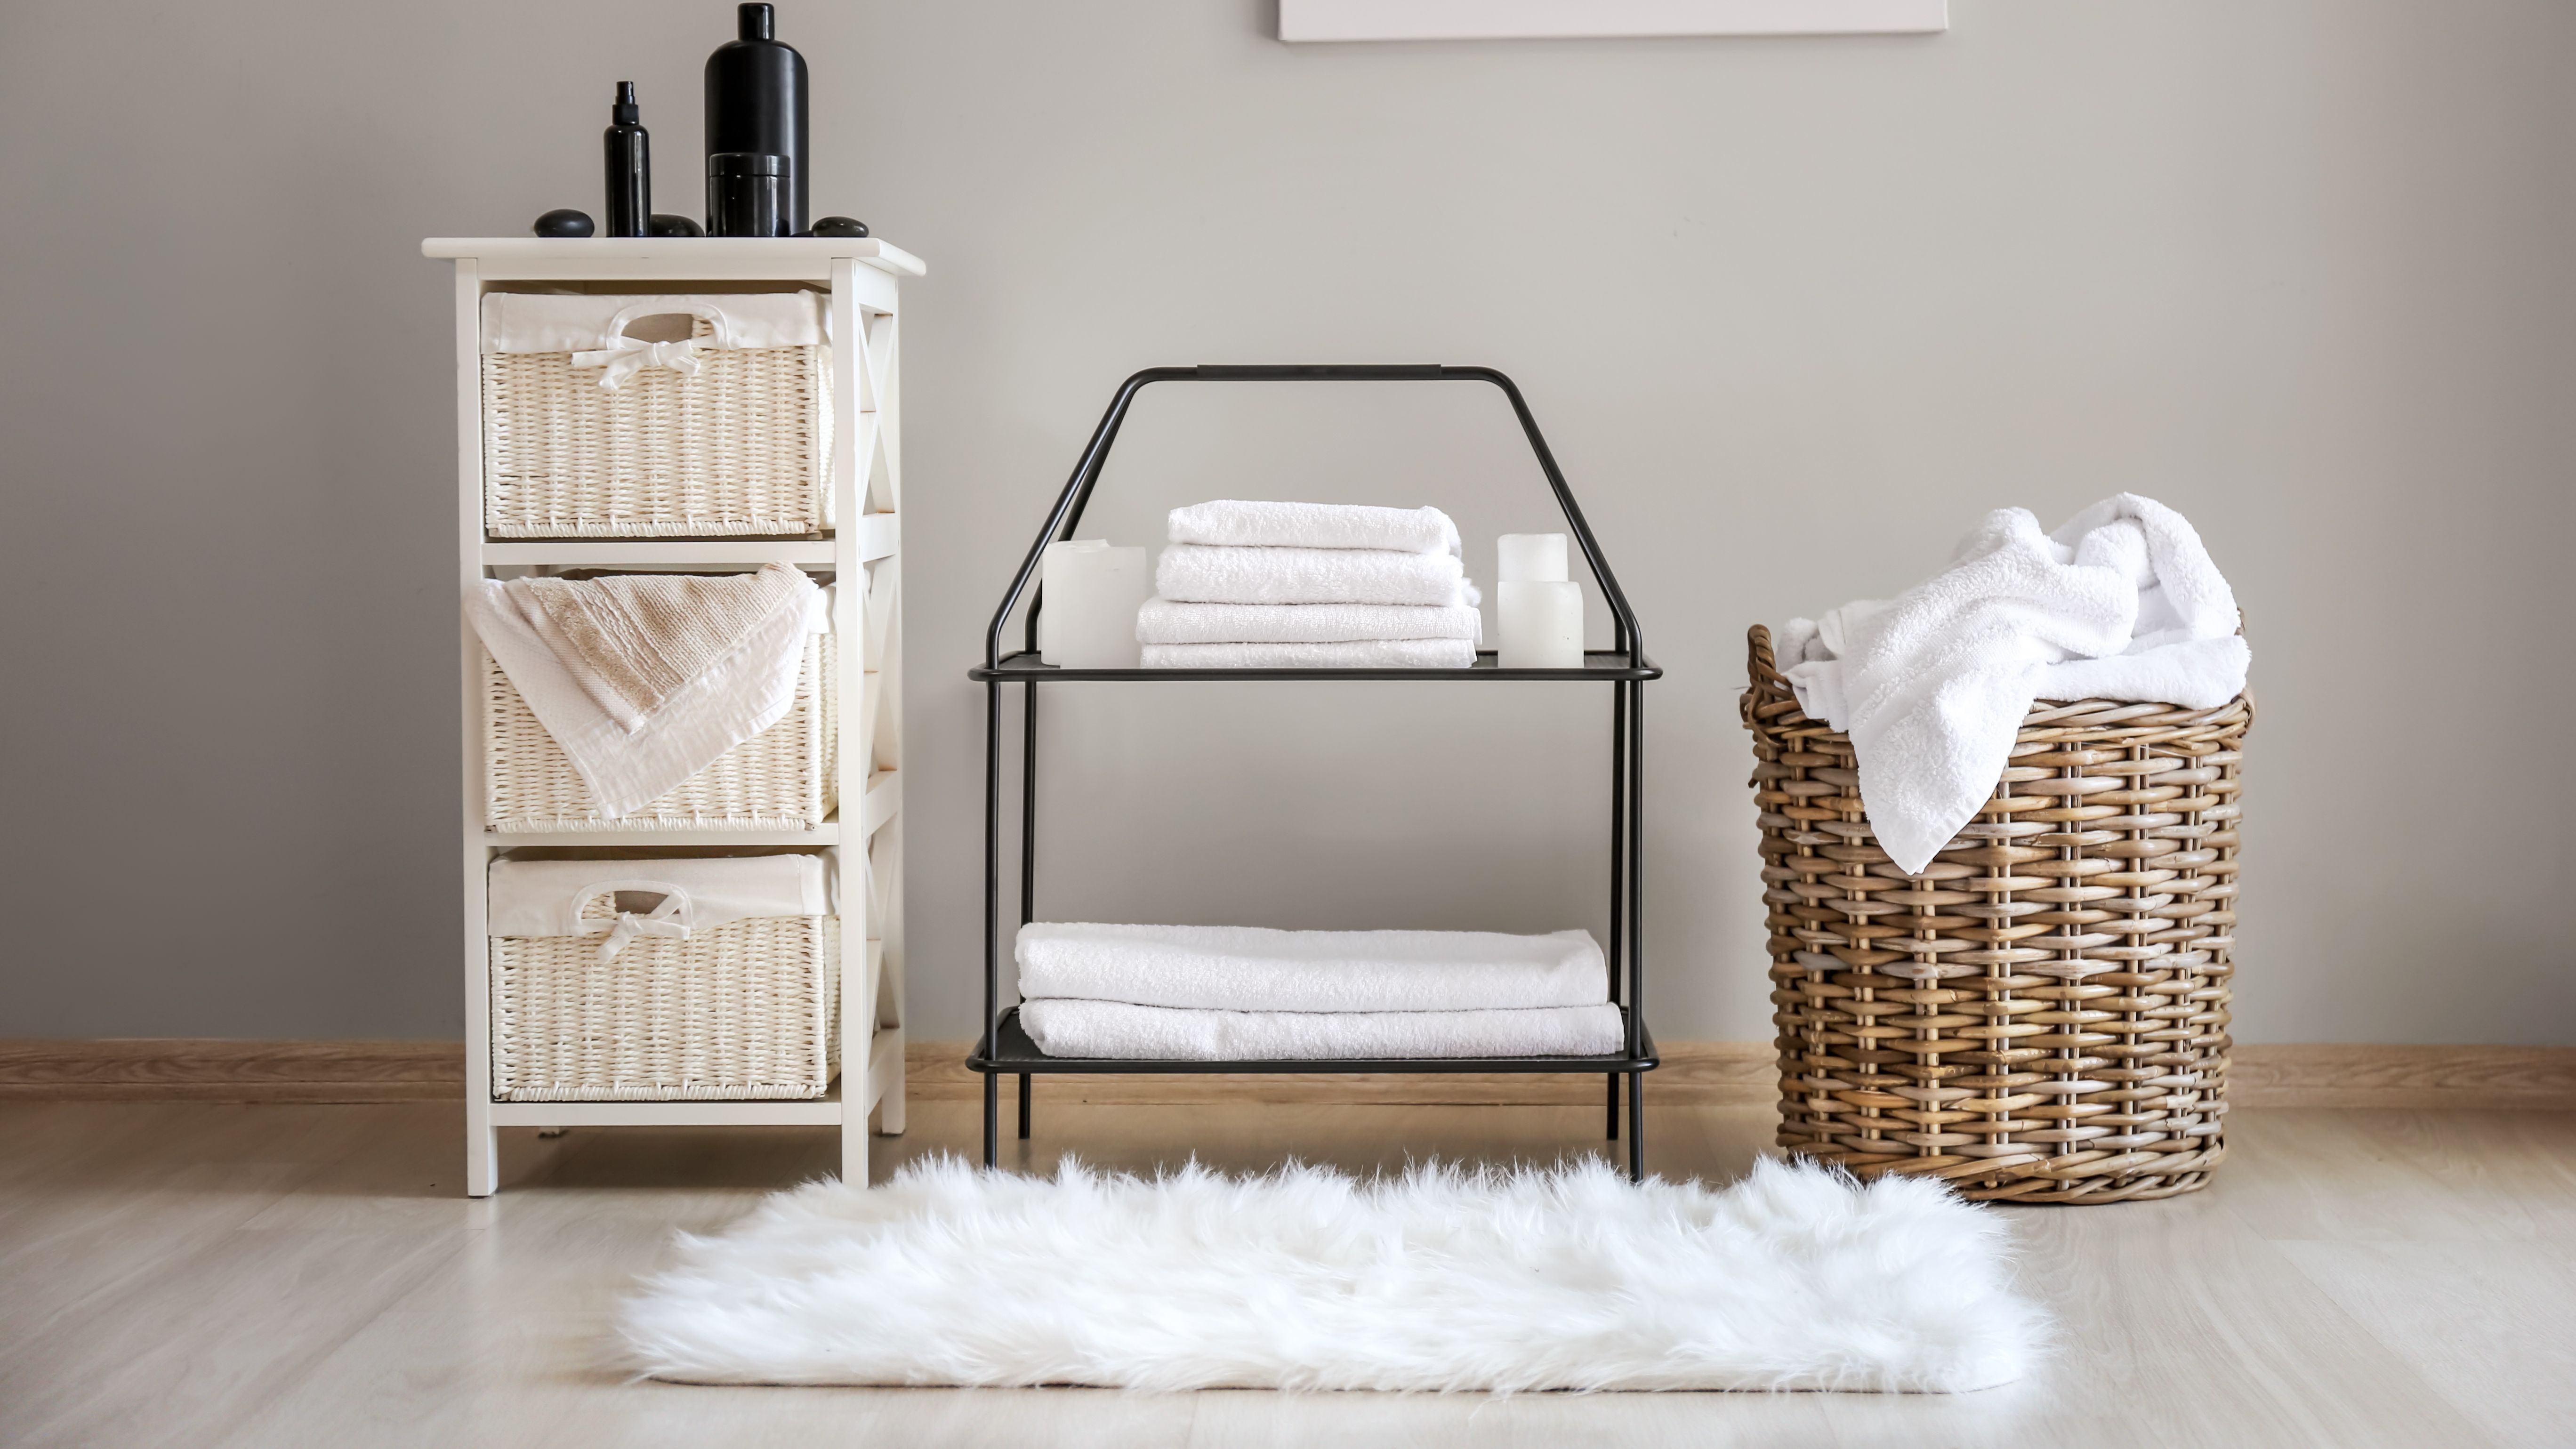 Étagère et panier de douche de salle de bains :  comment choisir